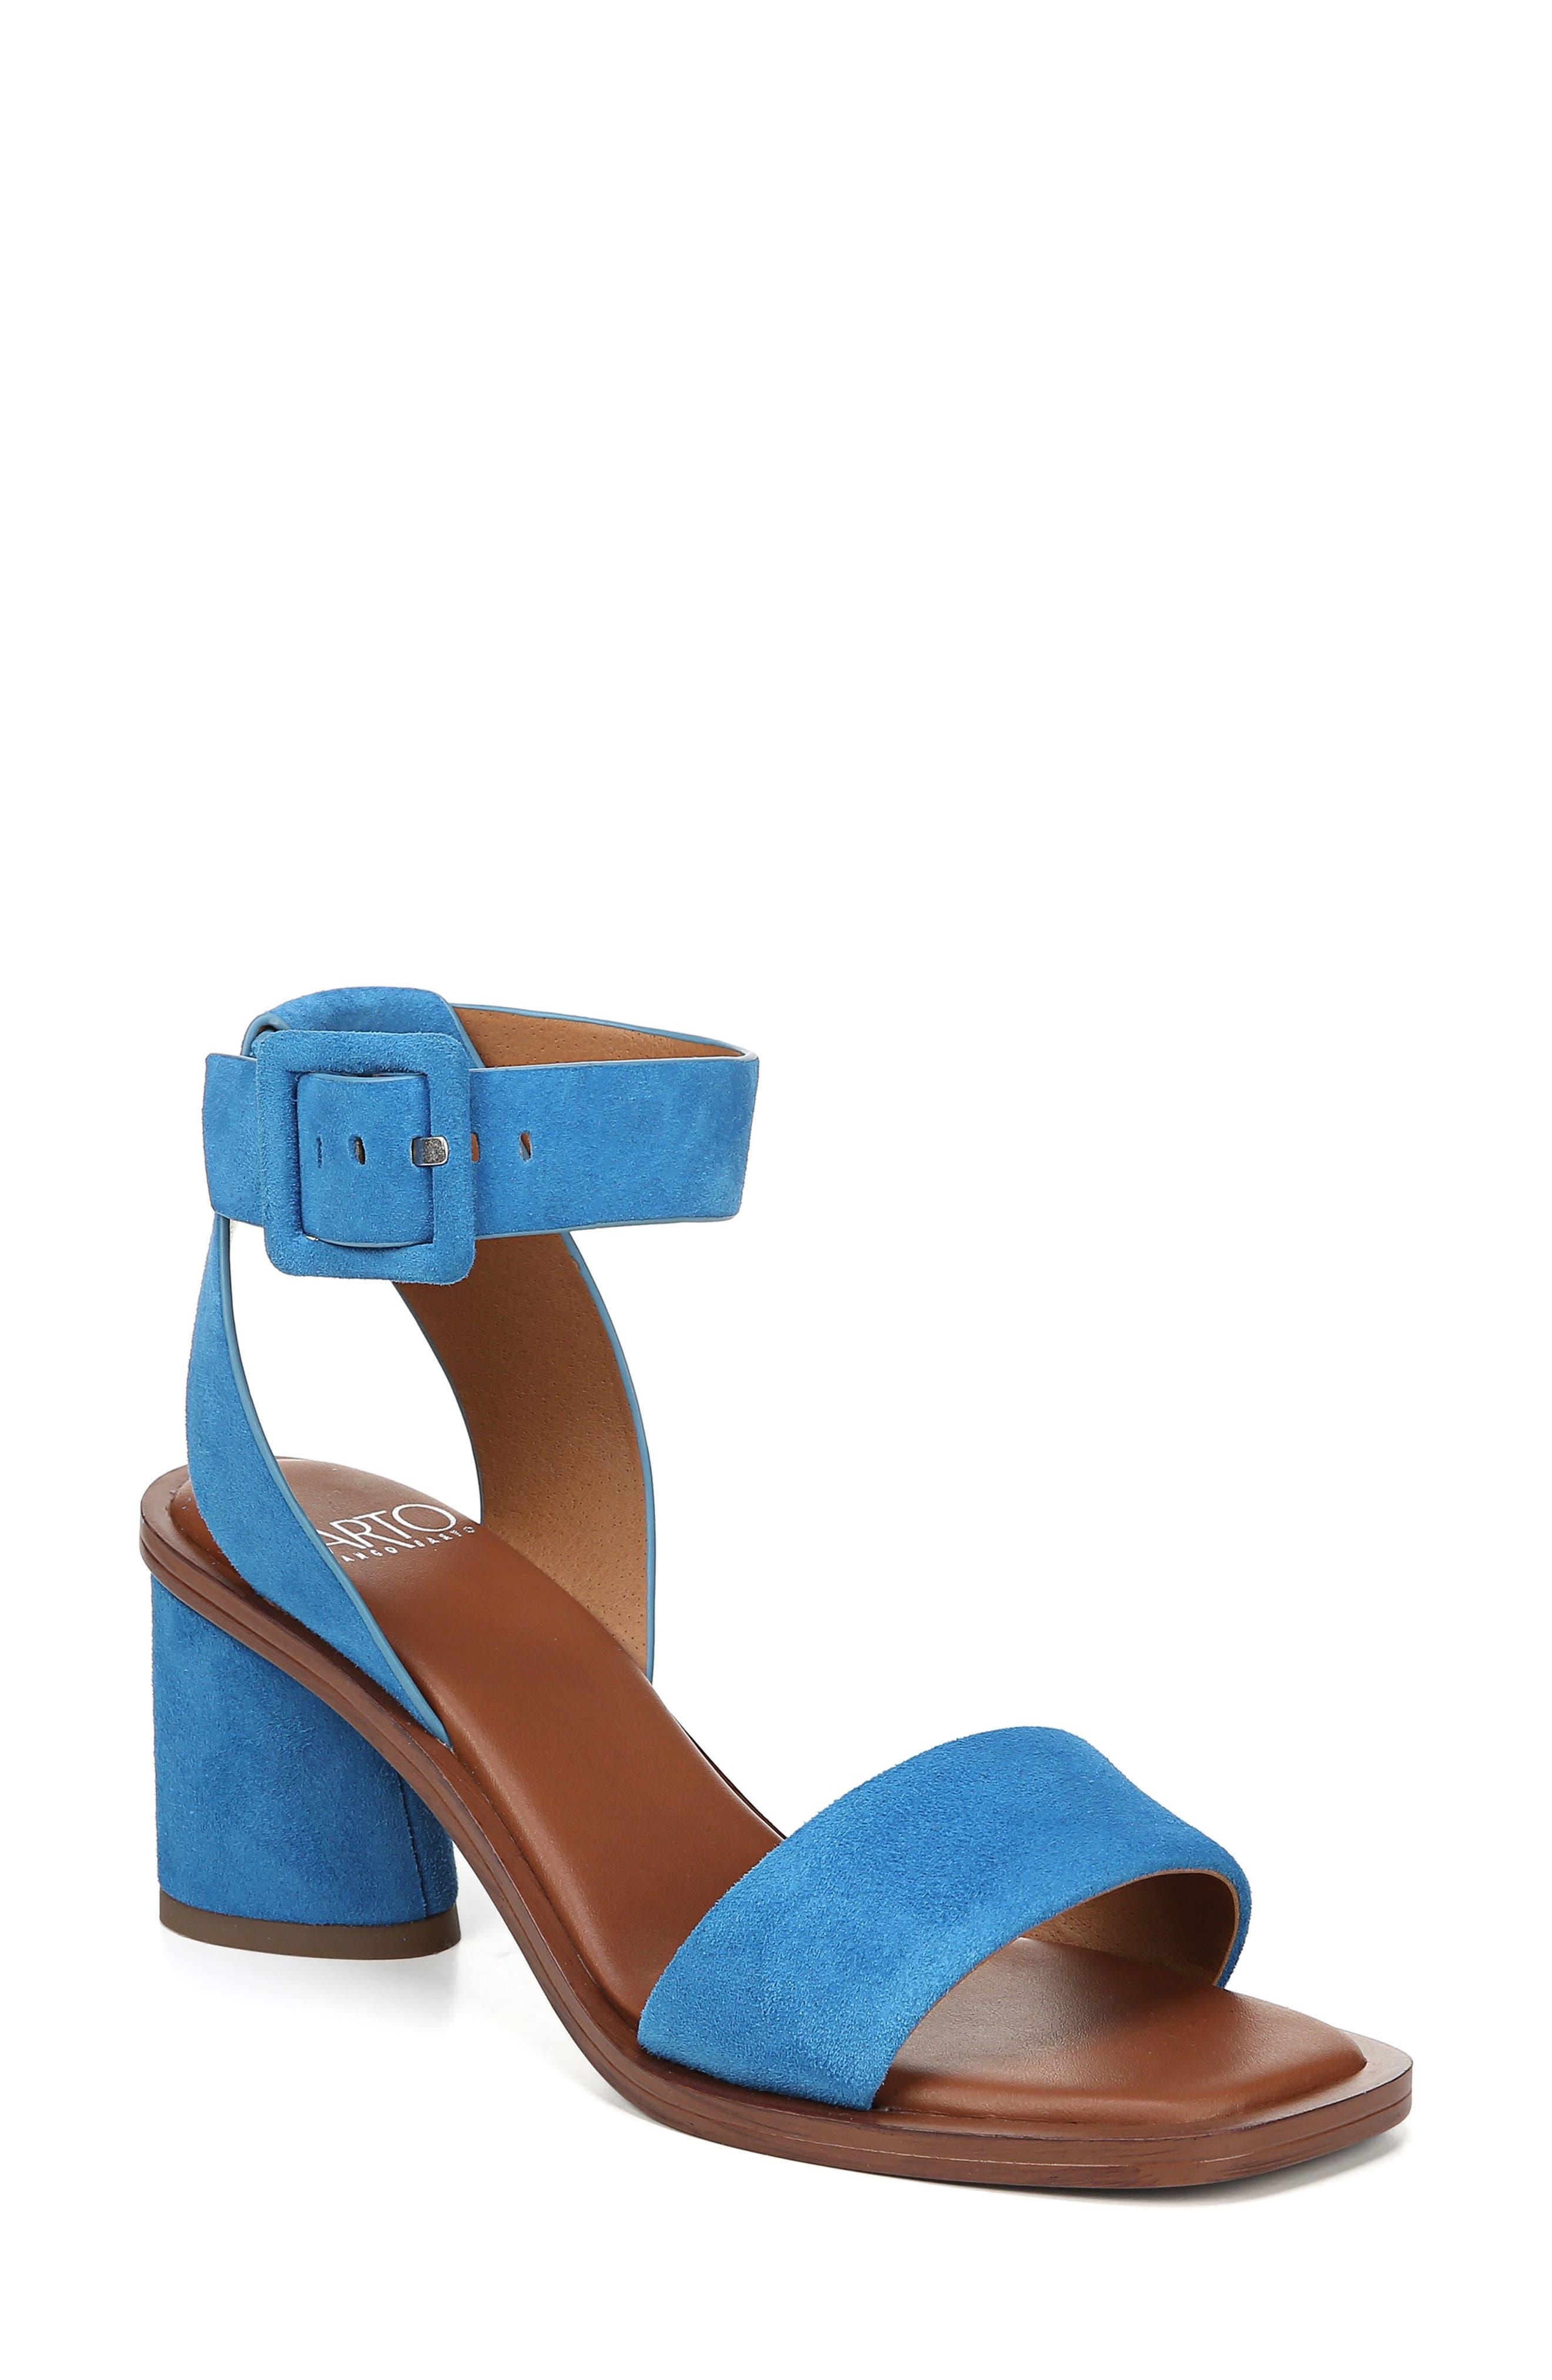 Sarto By Franco Sarto Risa Strap Sandal- Blue